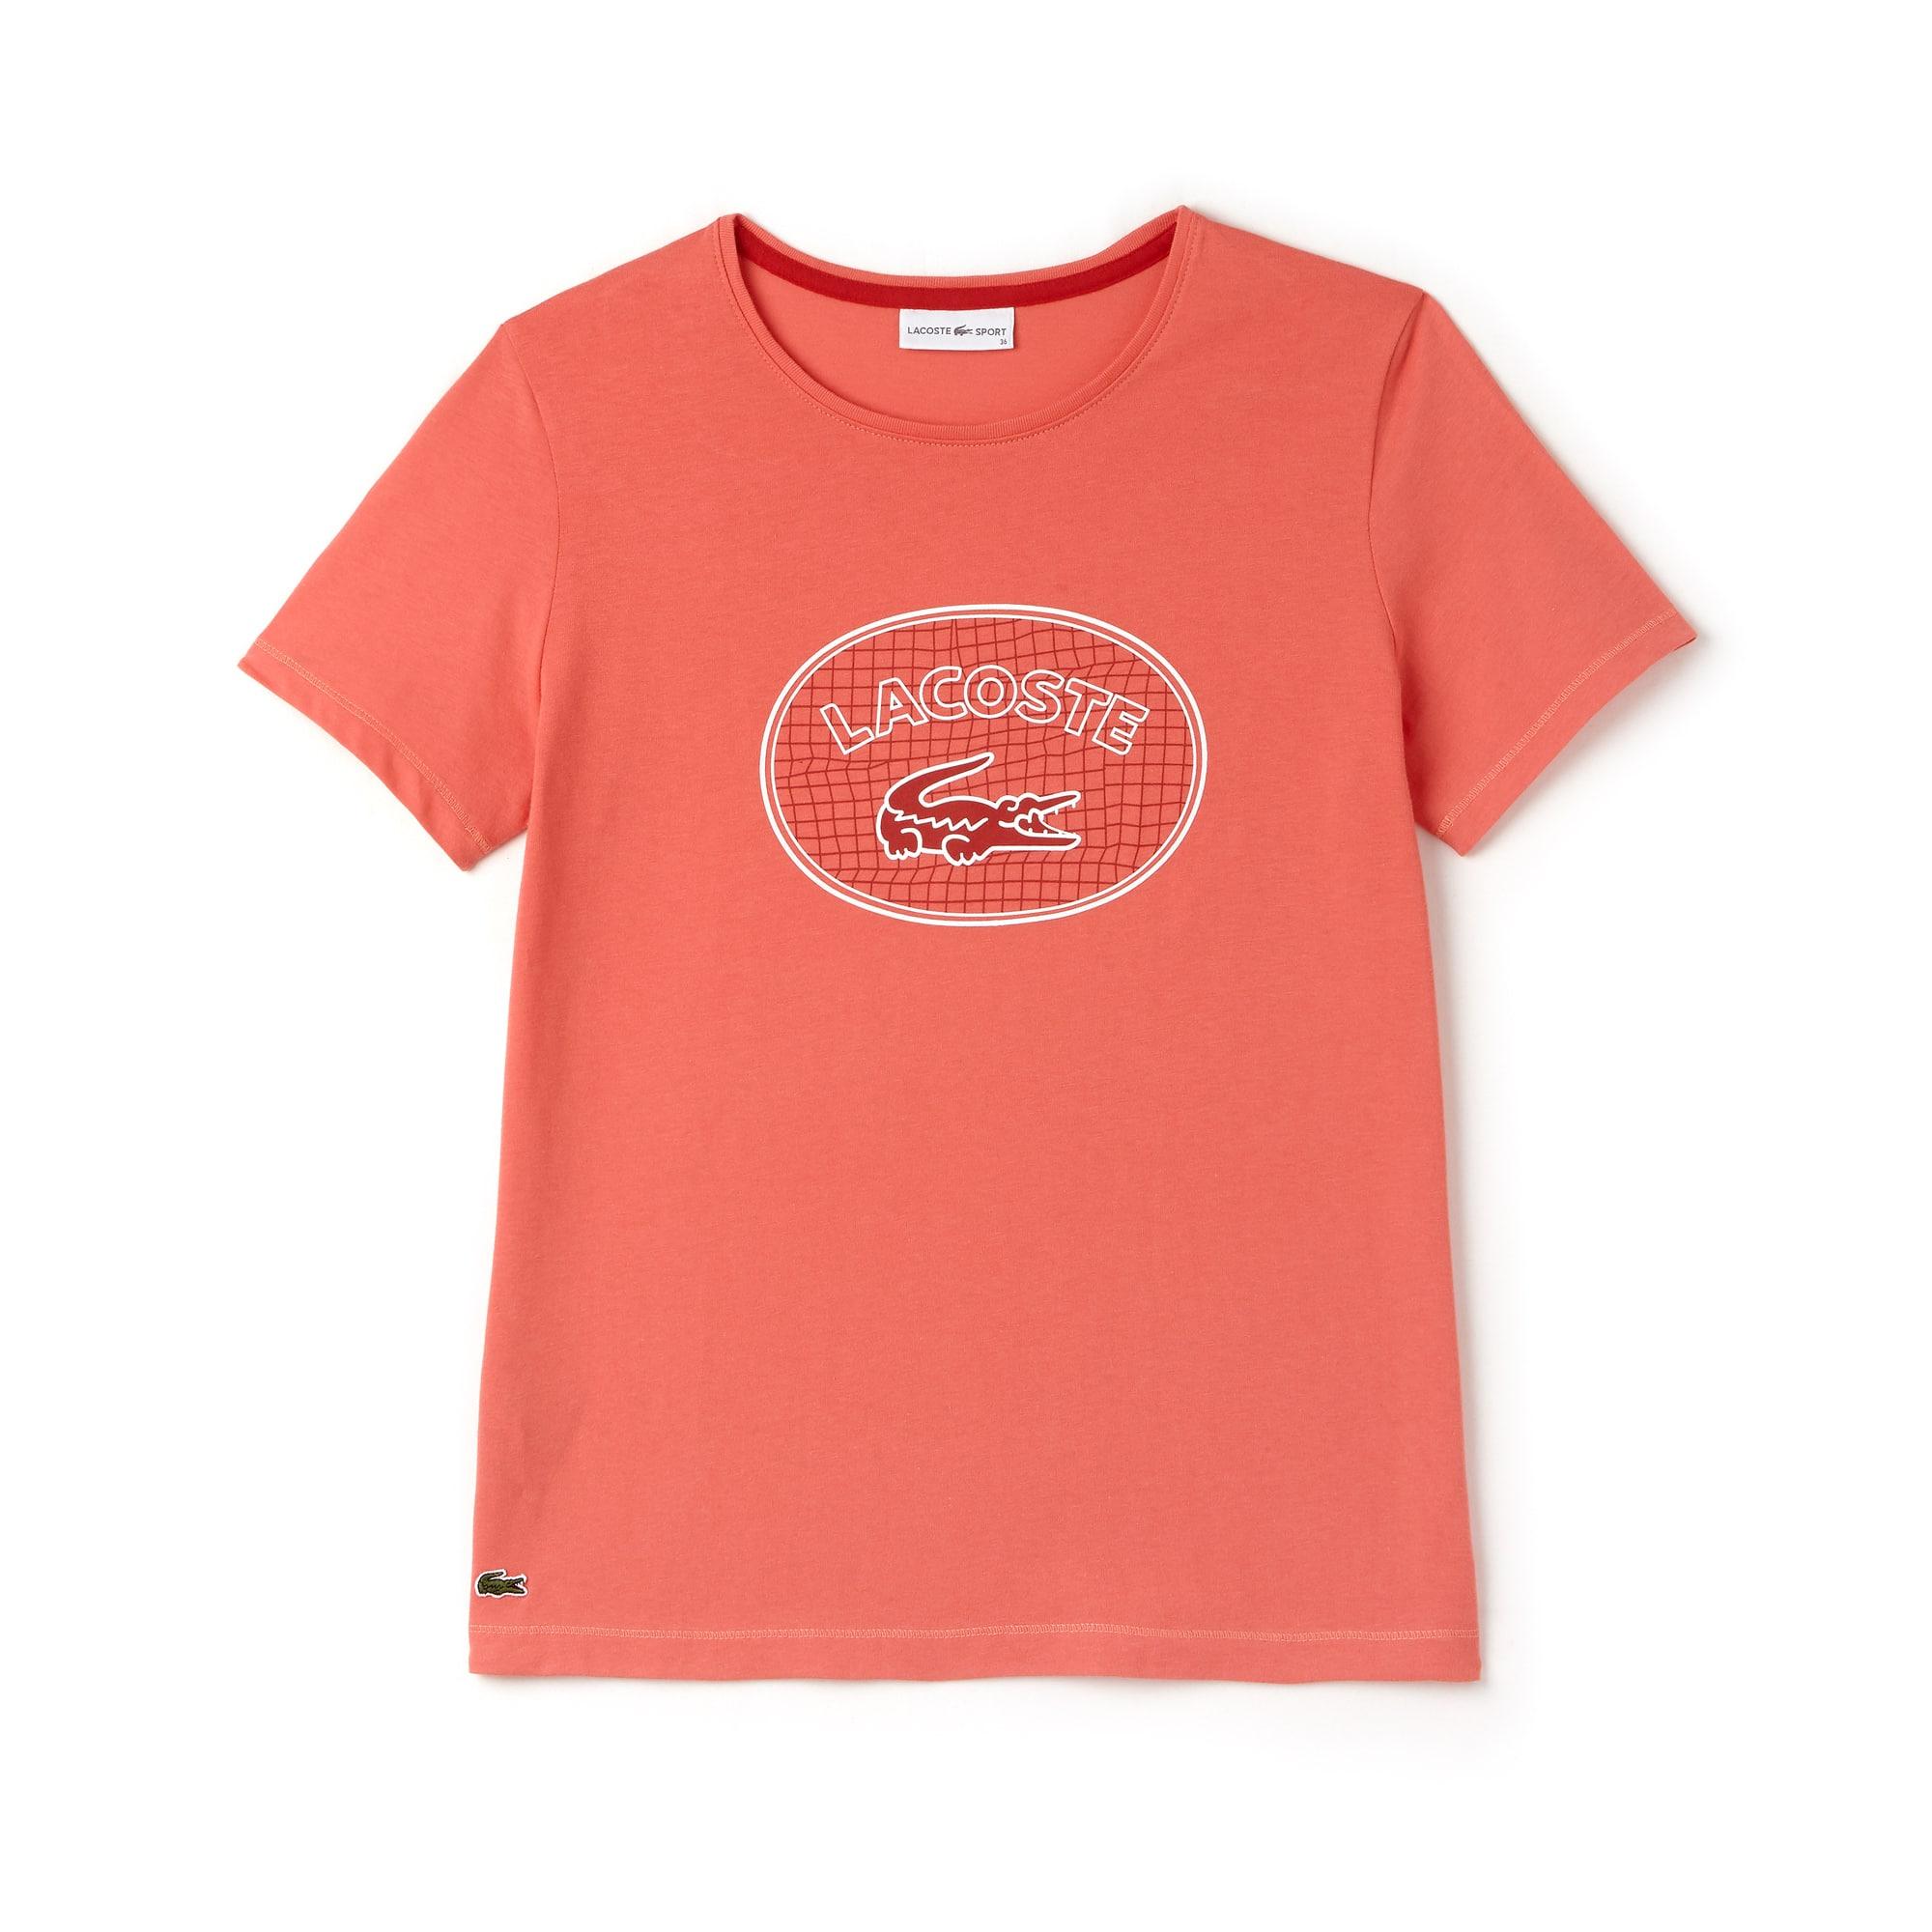 T-shirt decote redondo Tennis Lacoste SPORT em jersey com marcação em tamanho grande